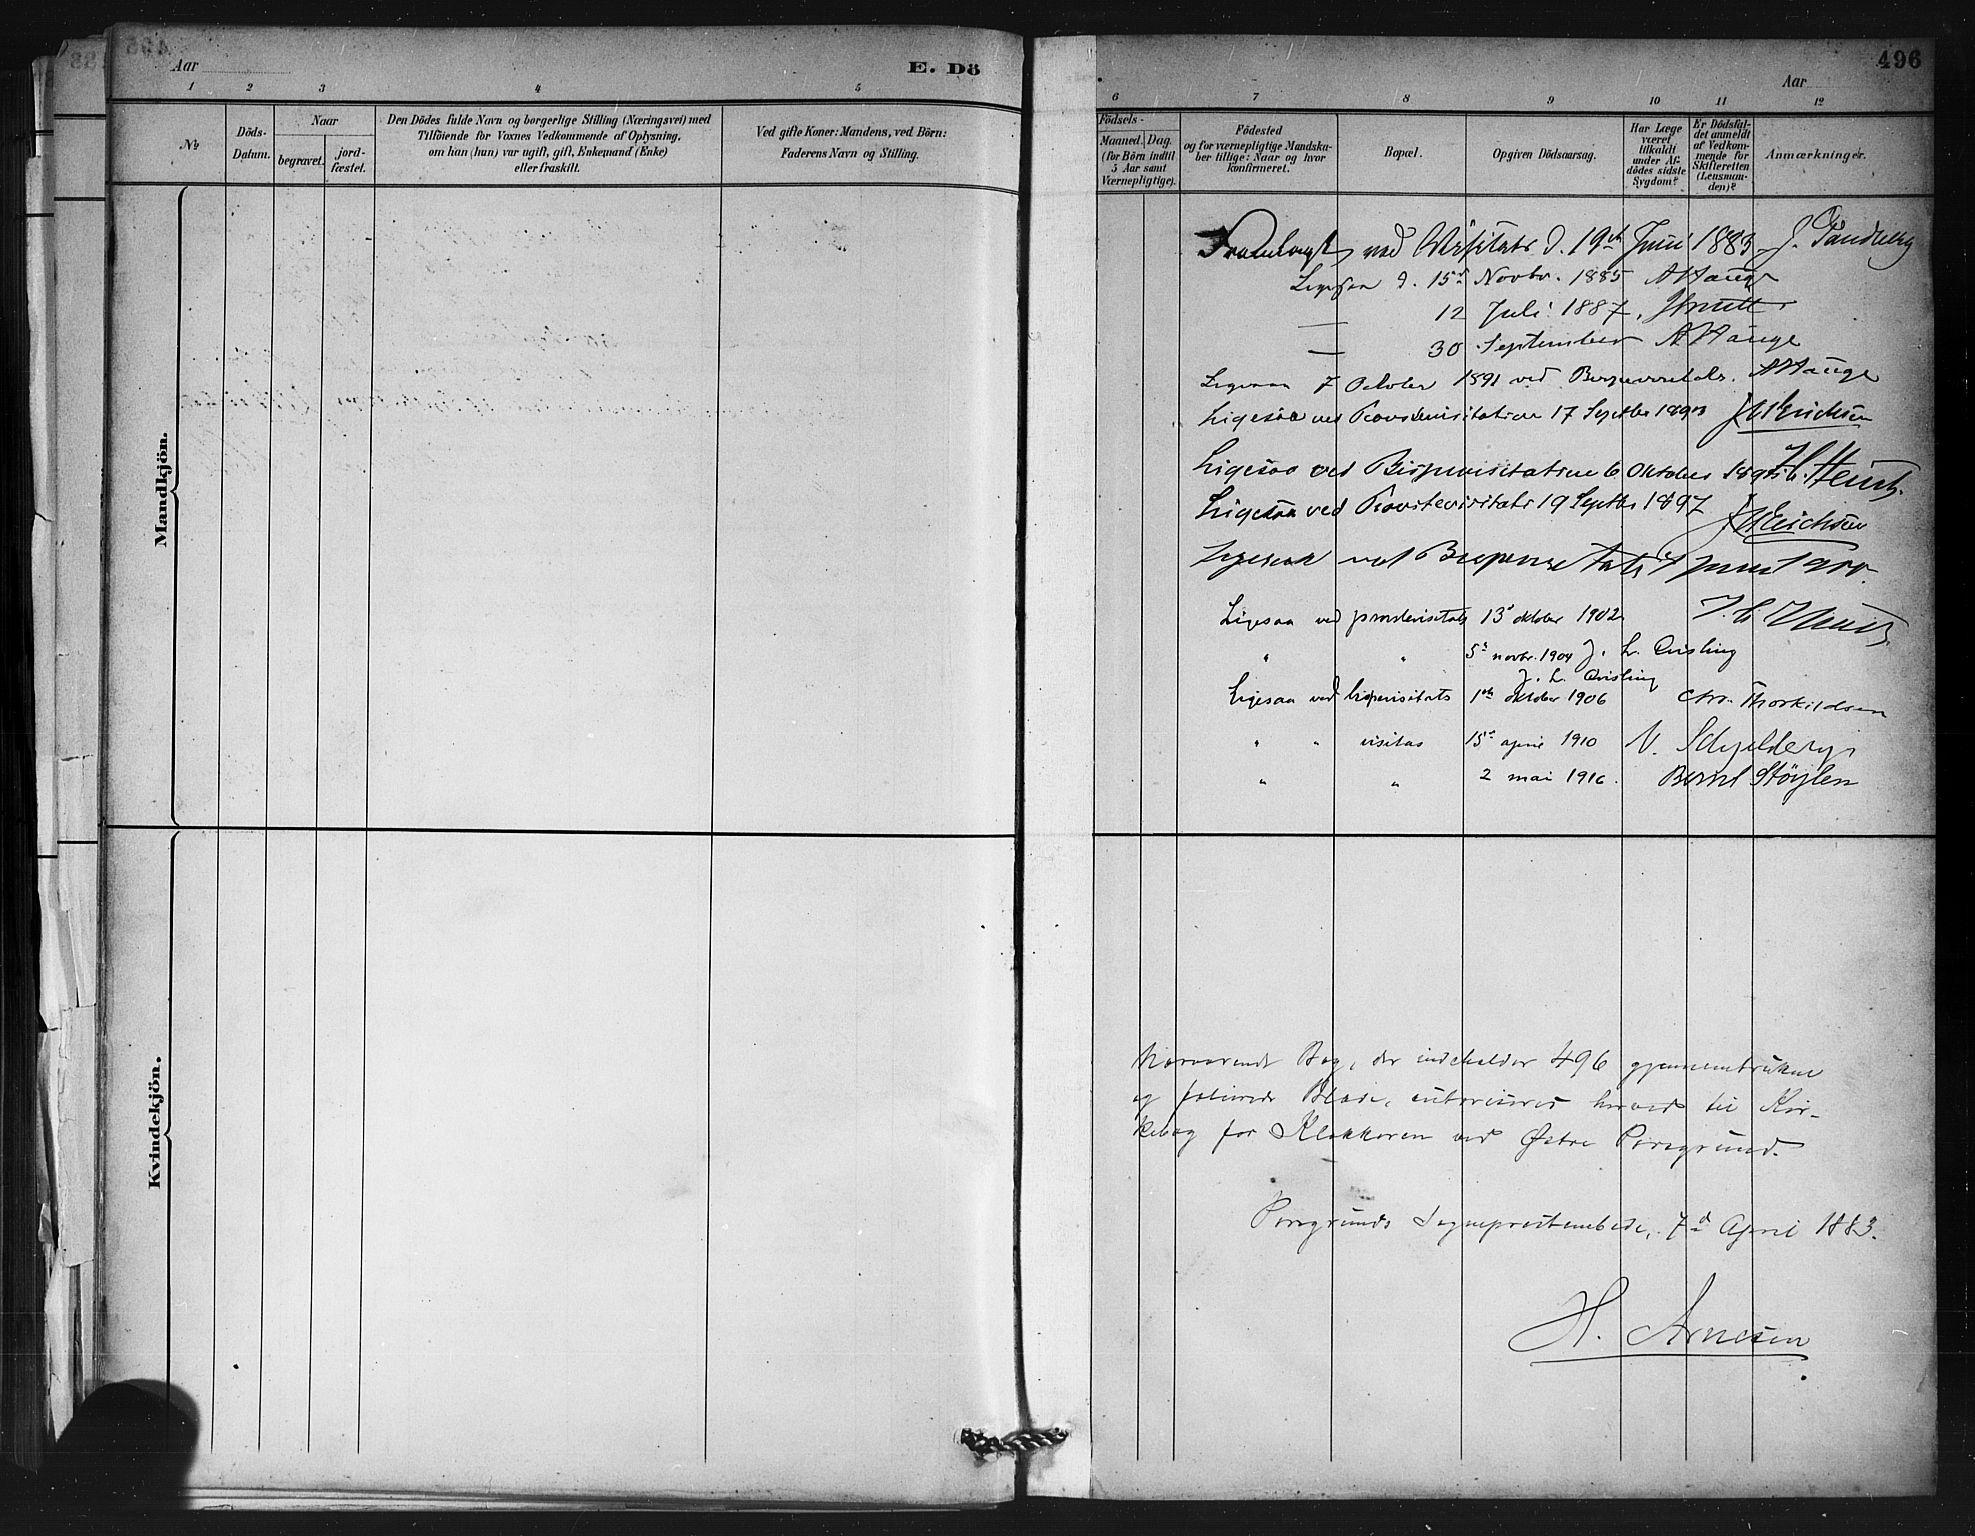 SAKO, Porsgrunn kirkebøker , G/Gb/L0005: Klokkerbok nr. II 5, 1883-1915, s. 496